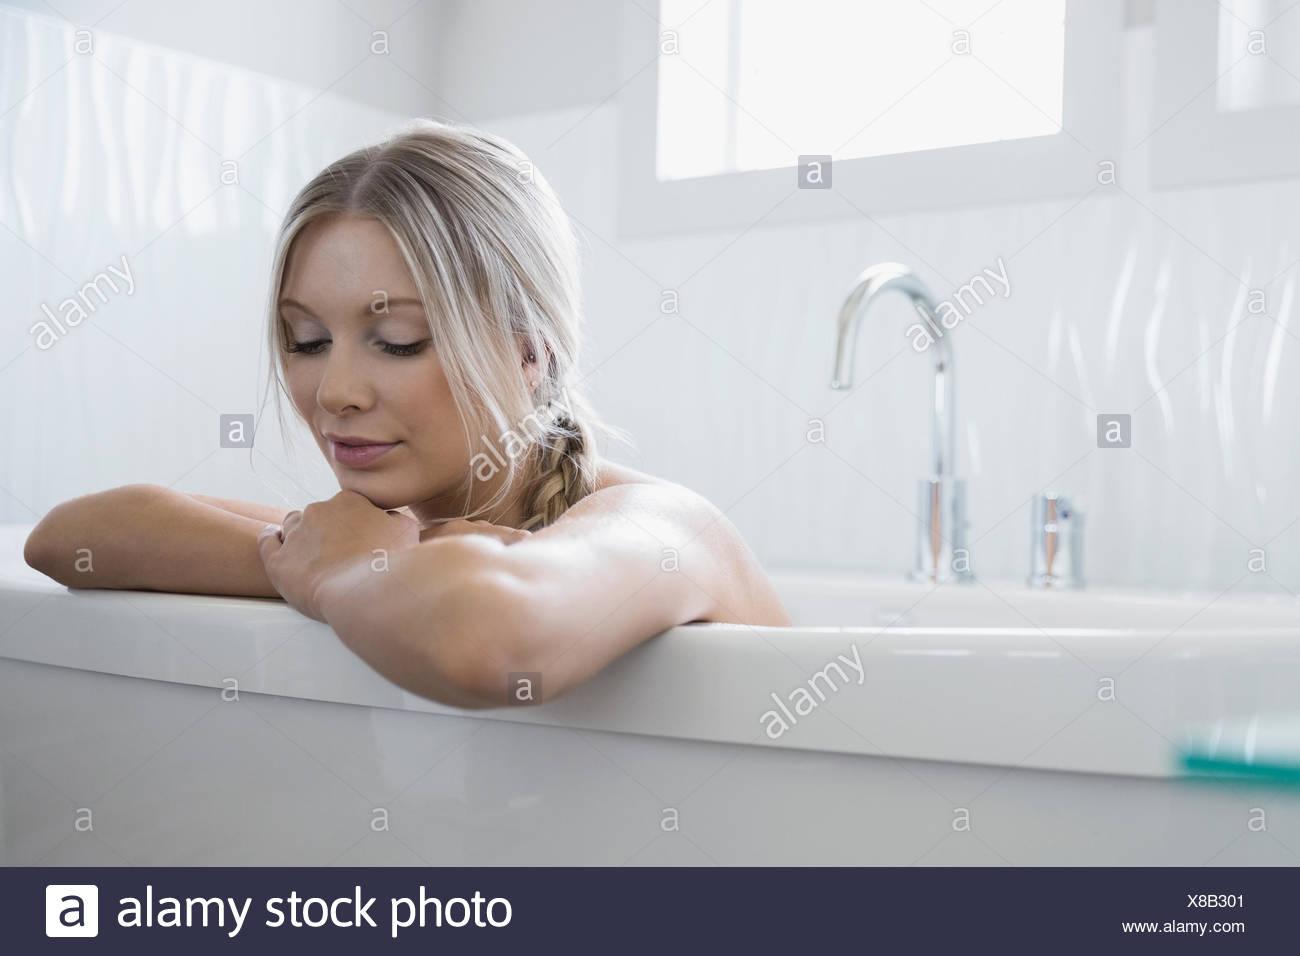 Ruhige Frau in der Badewanne entspannen Stockbild